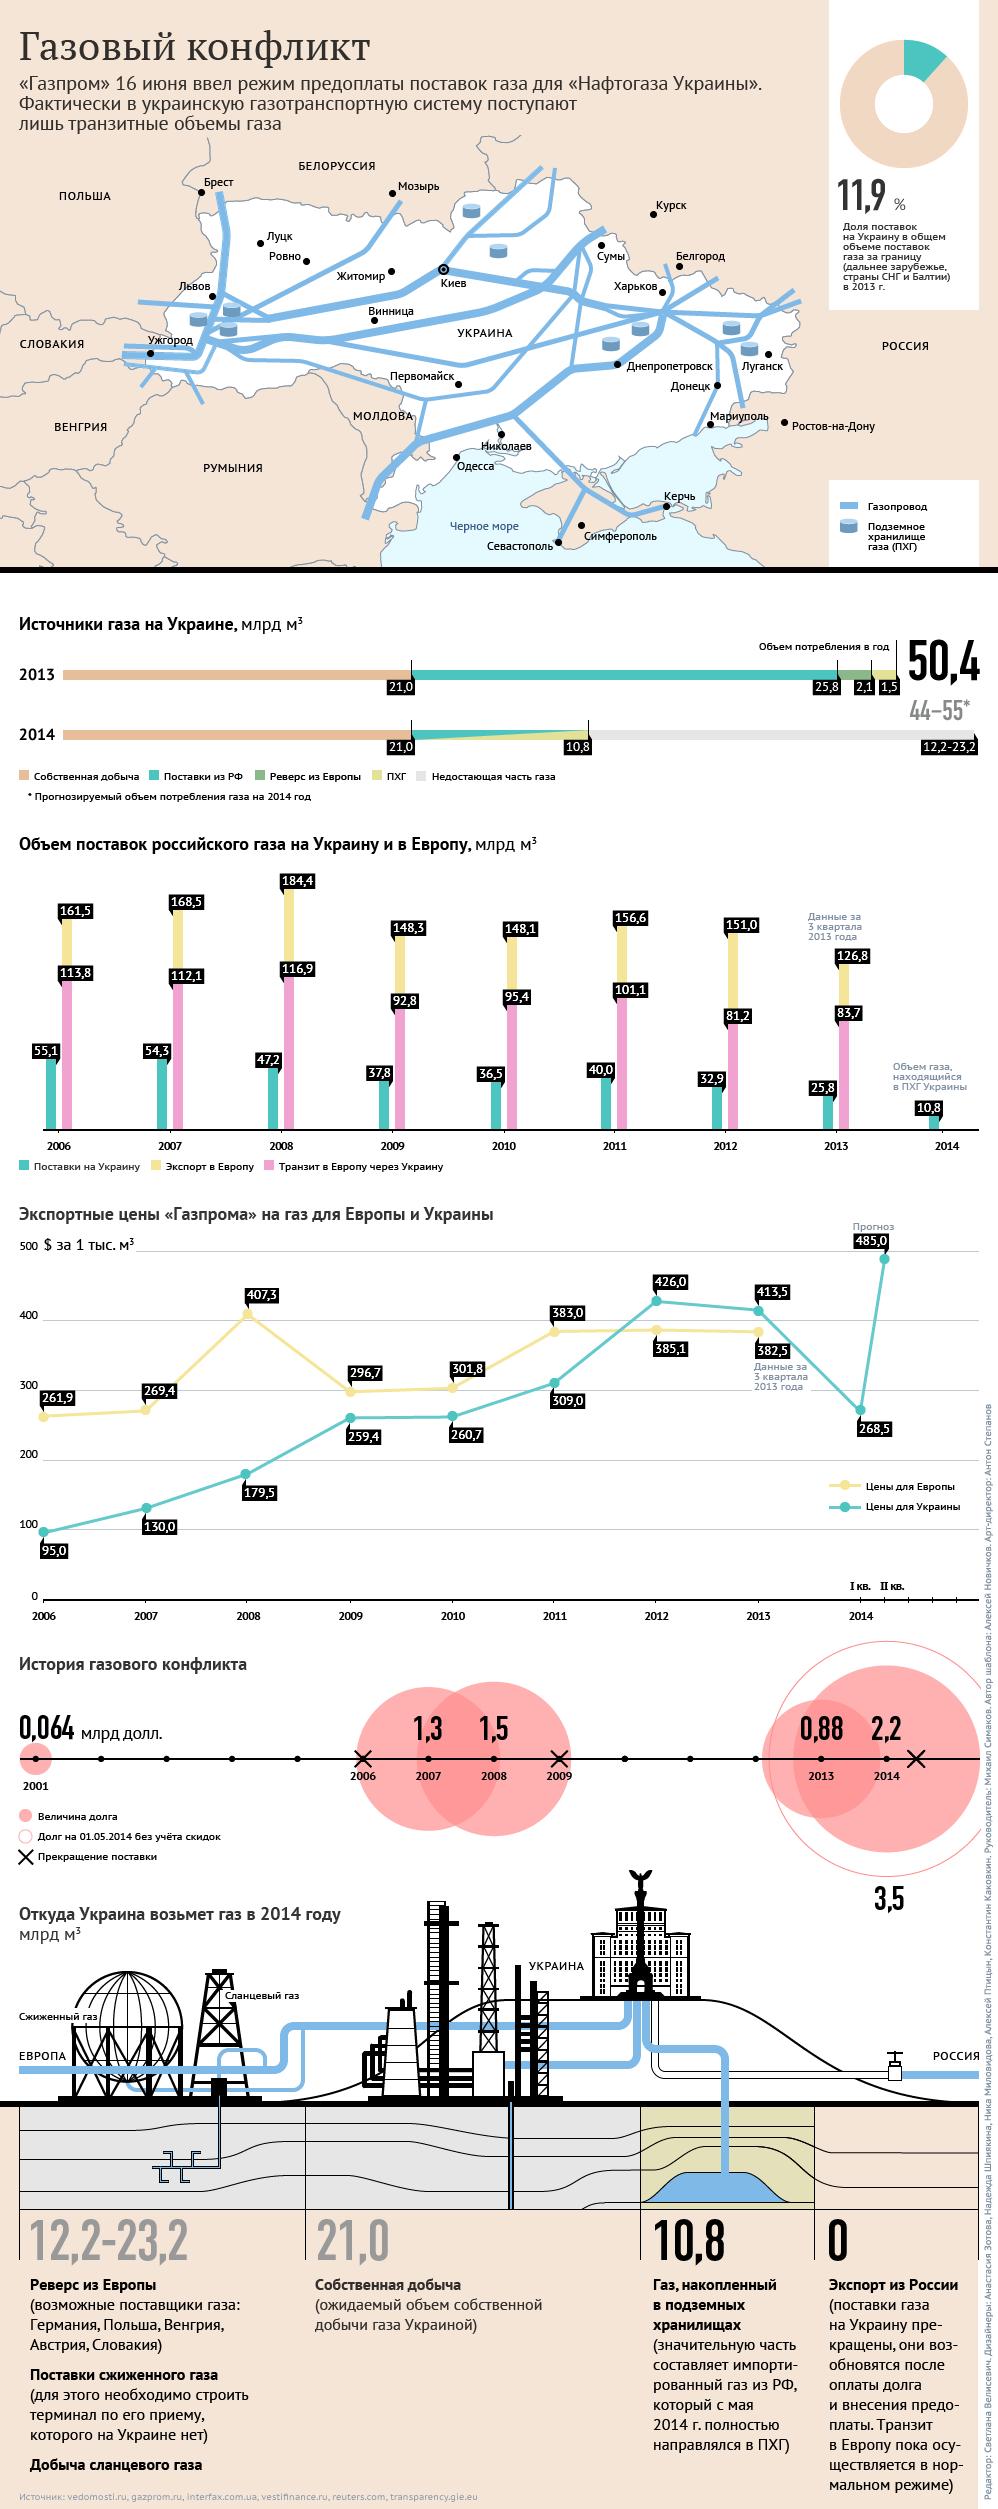 Премьер Словакии: поставки газа из РФ в страну сократились наполовину